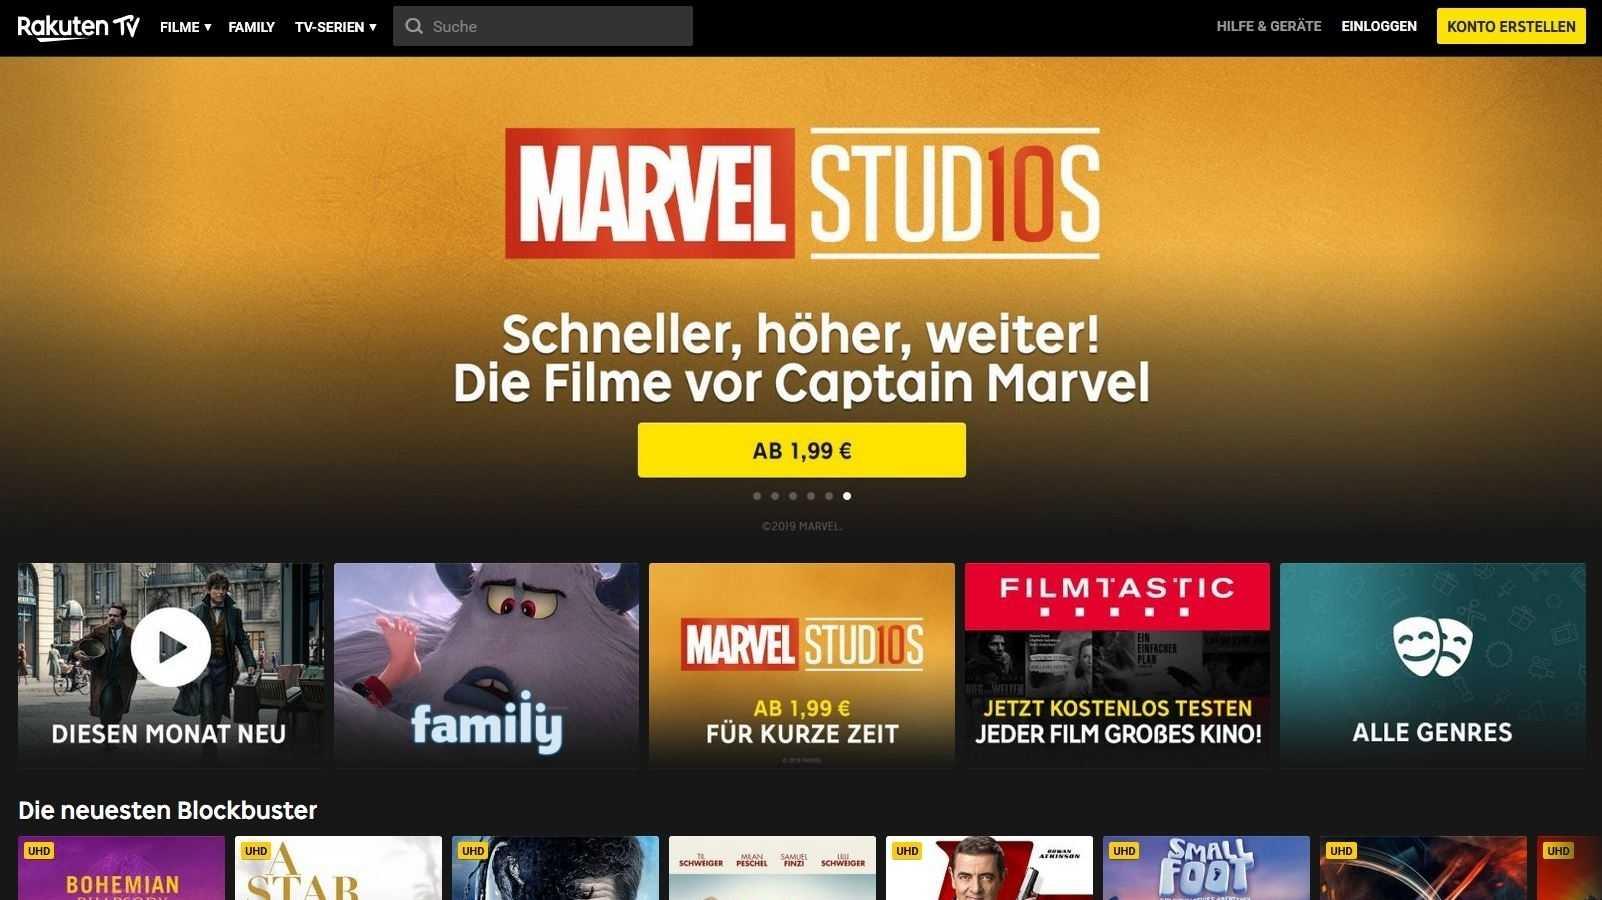 Rakuten TV expandiert in 30 Länder, Partnerschaften mit TV-Herstellern geschlossen